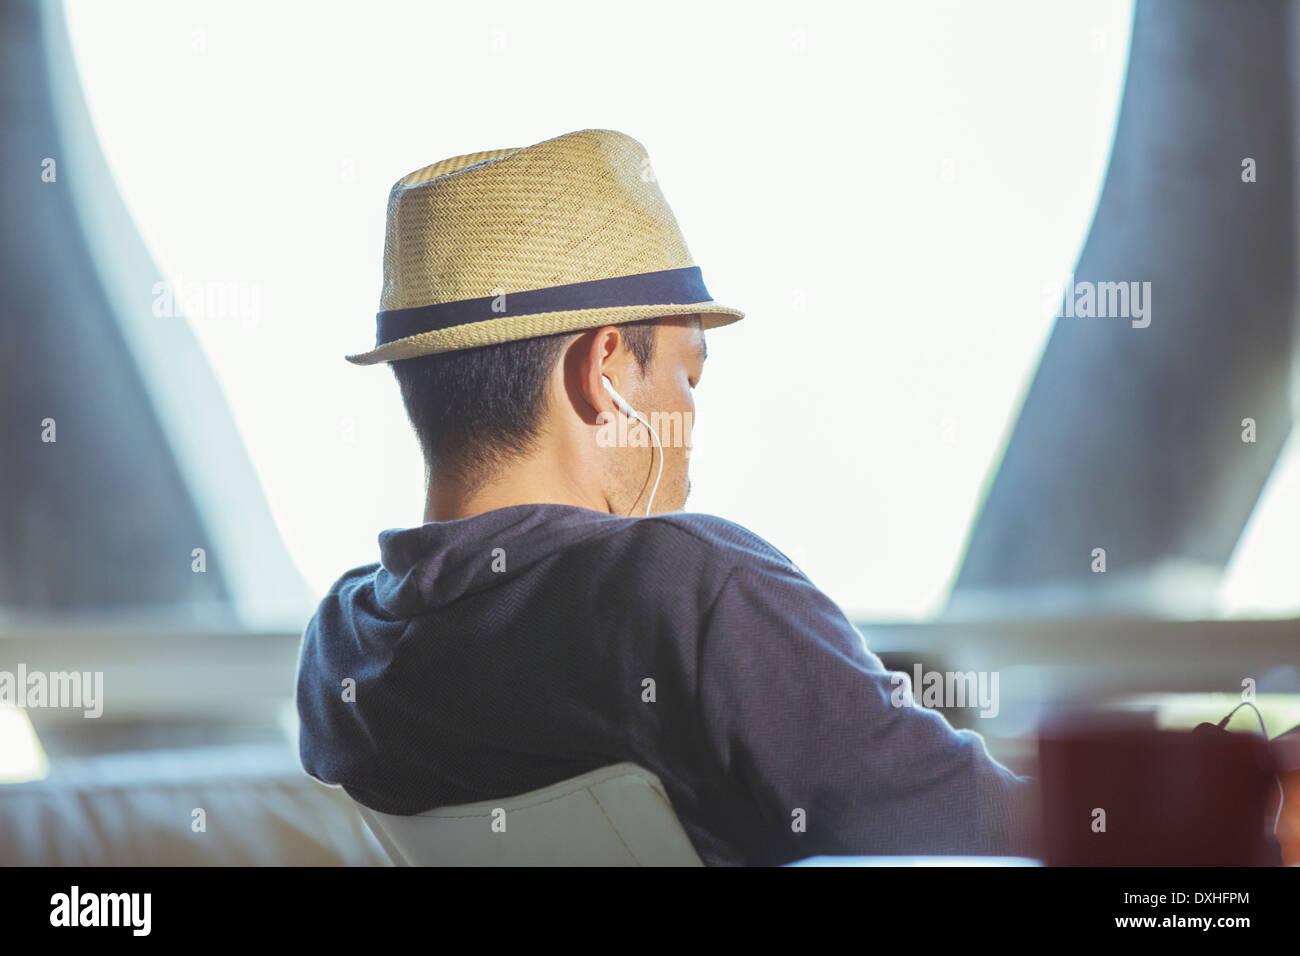 L'homme dans Fedora portant des écouteurs Photo Stock